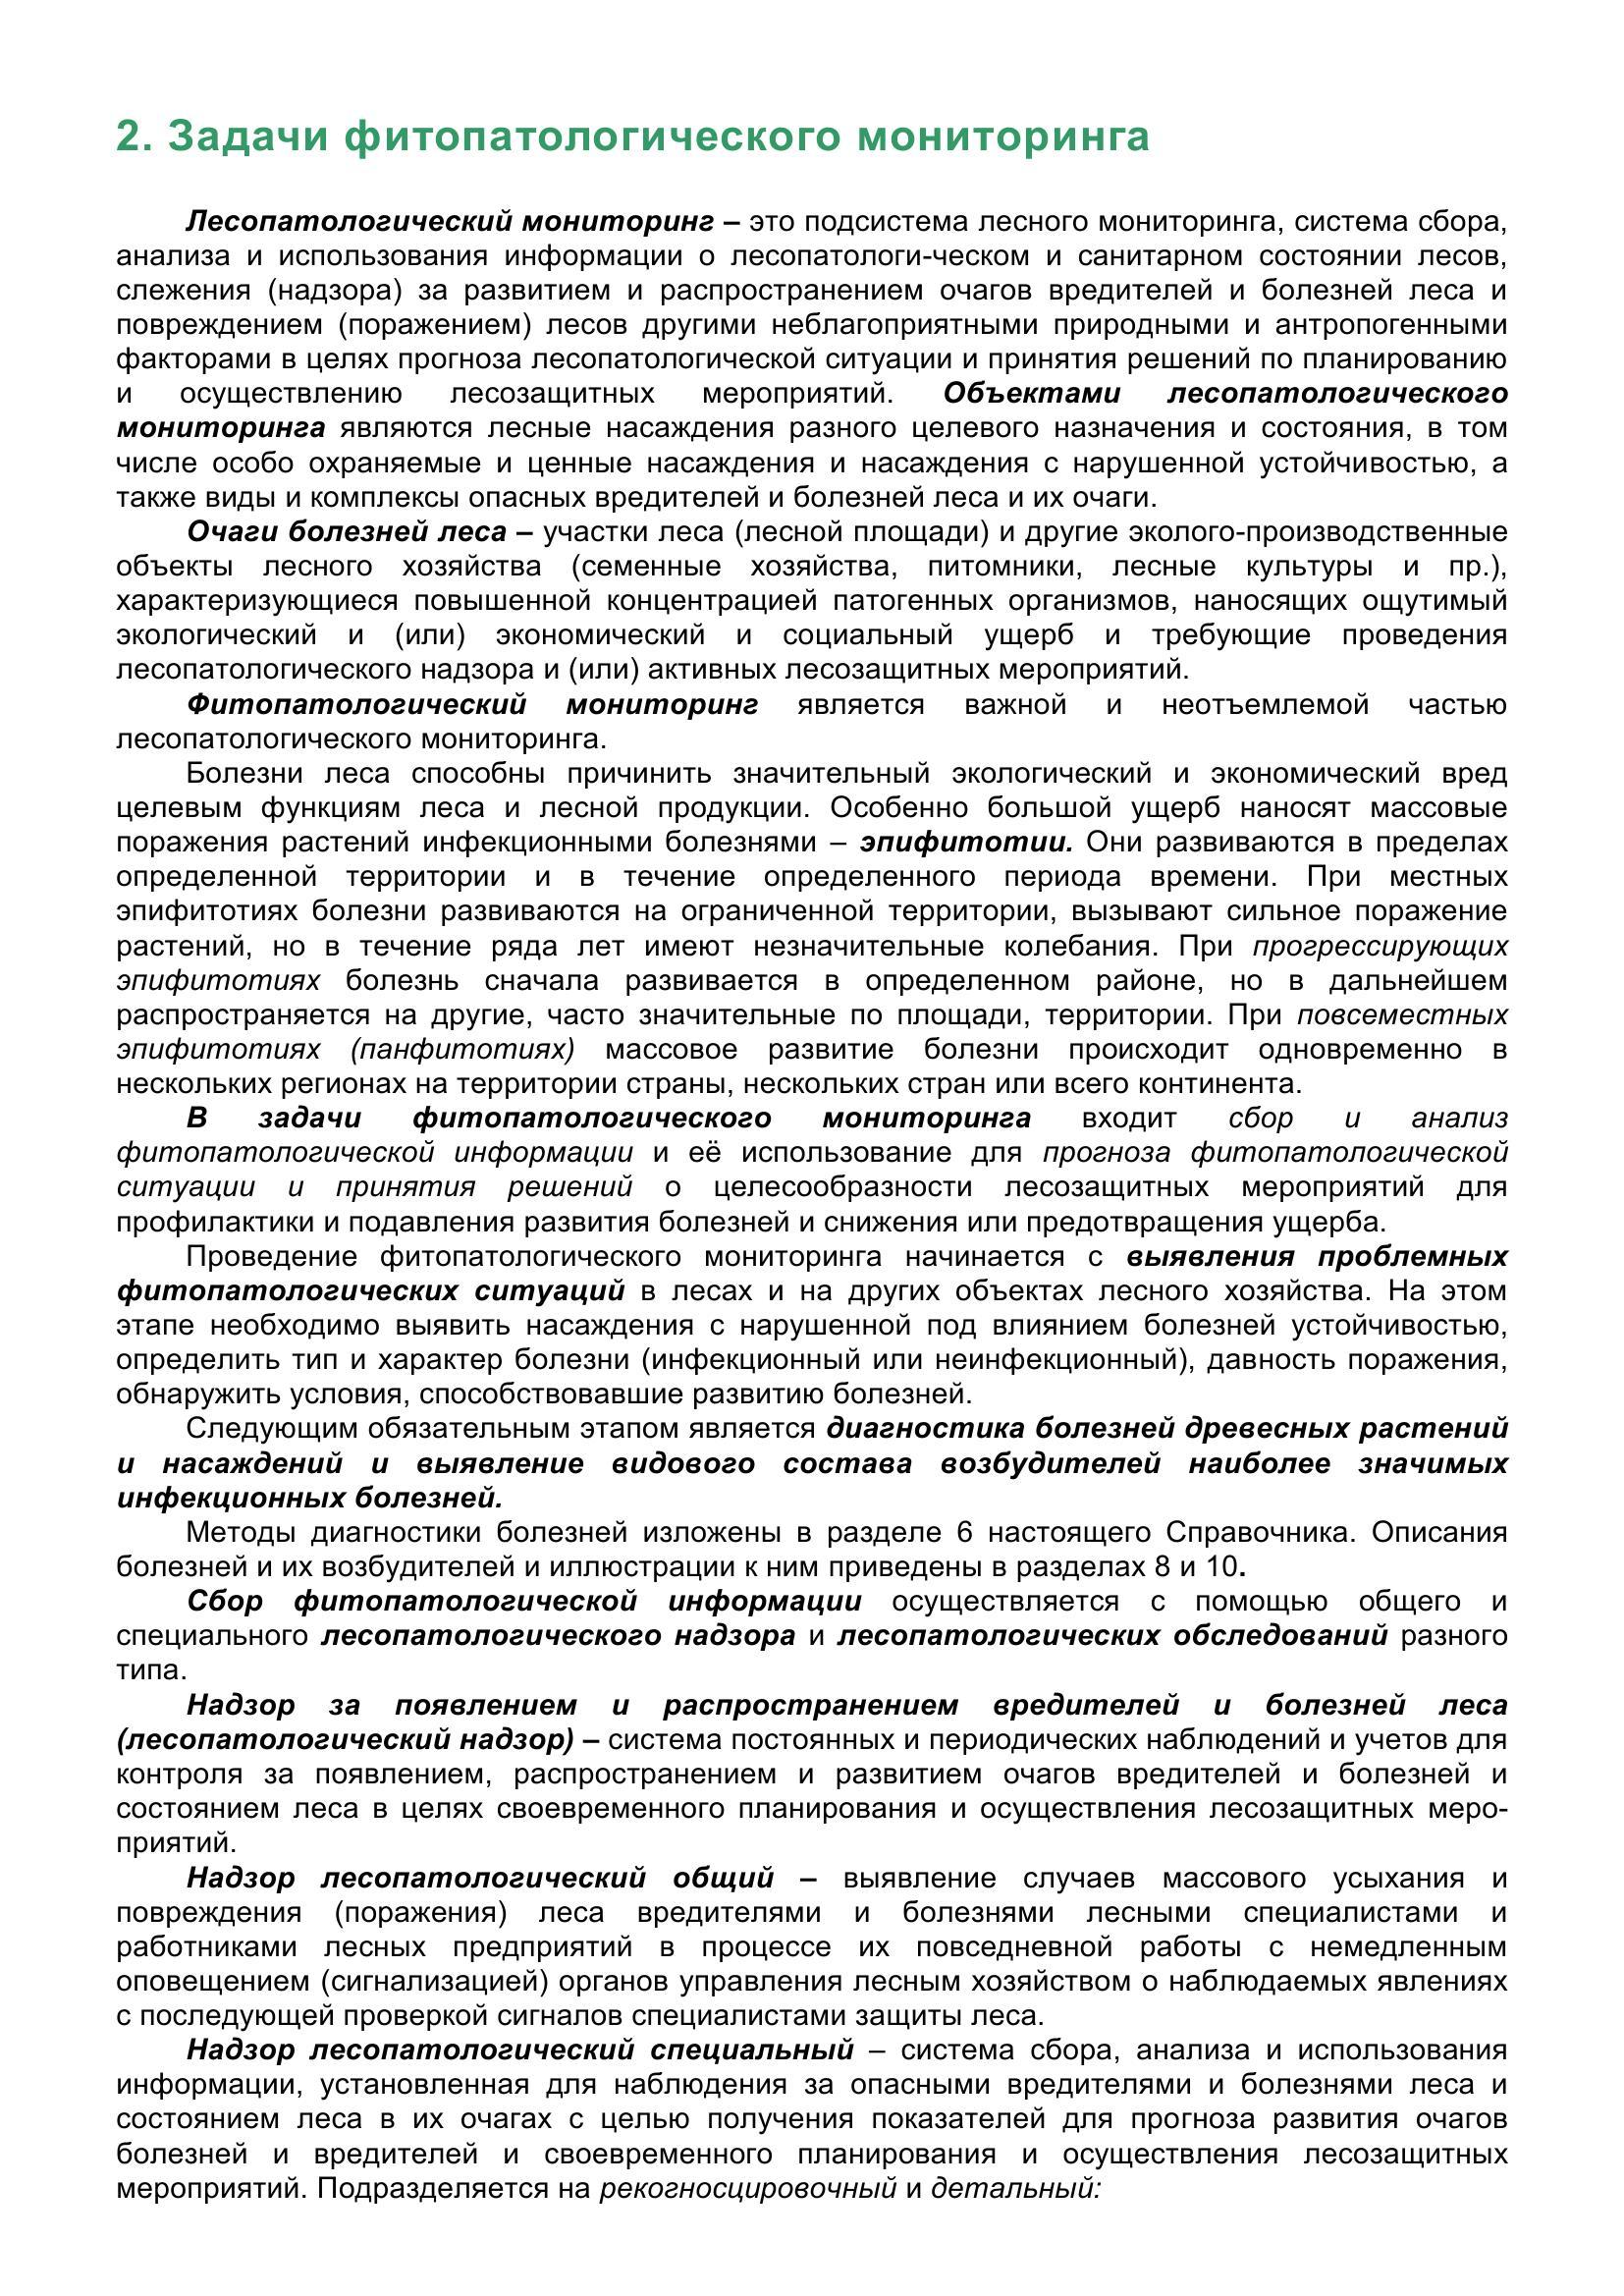 Болезни_древесных_растений_008.jpg